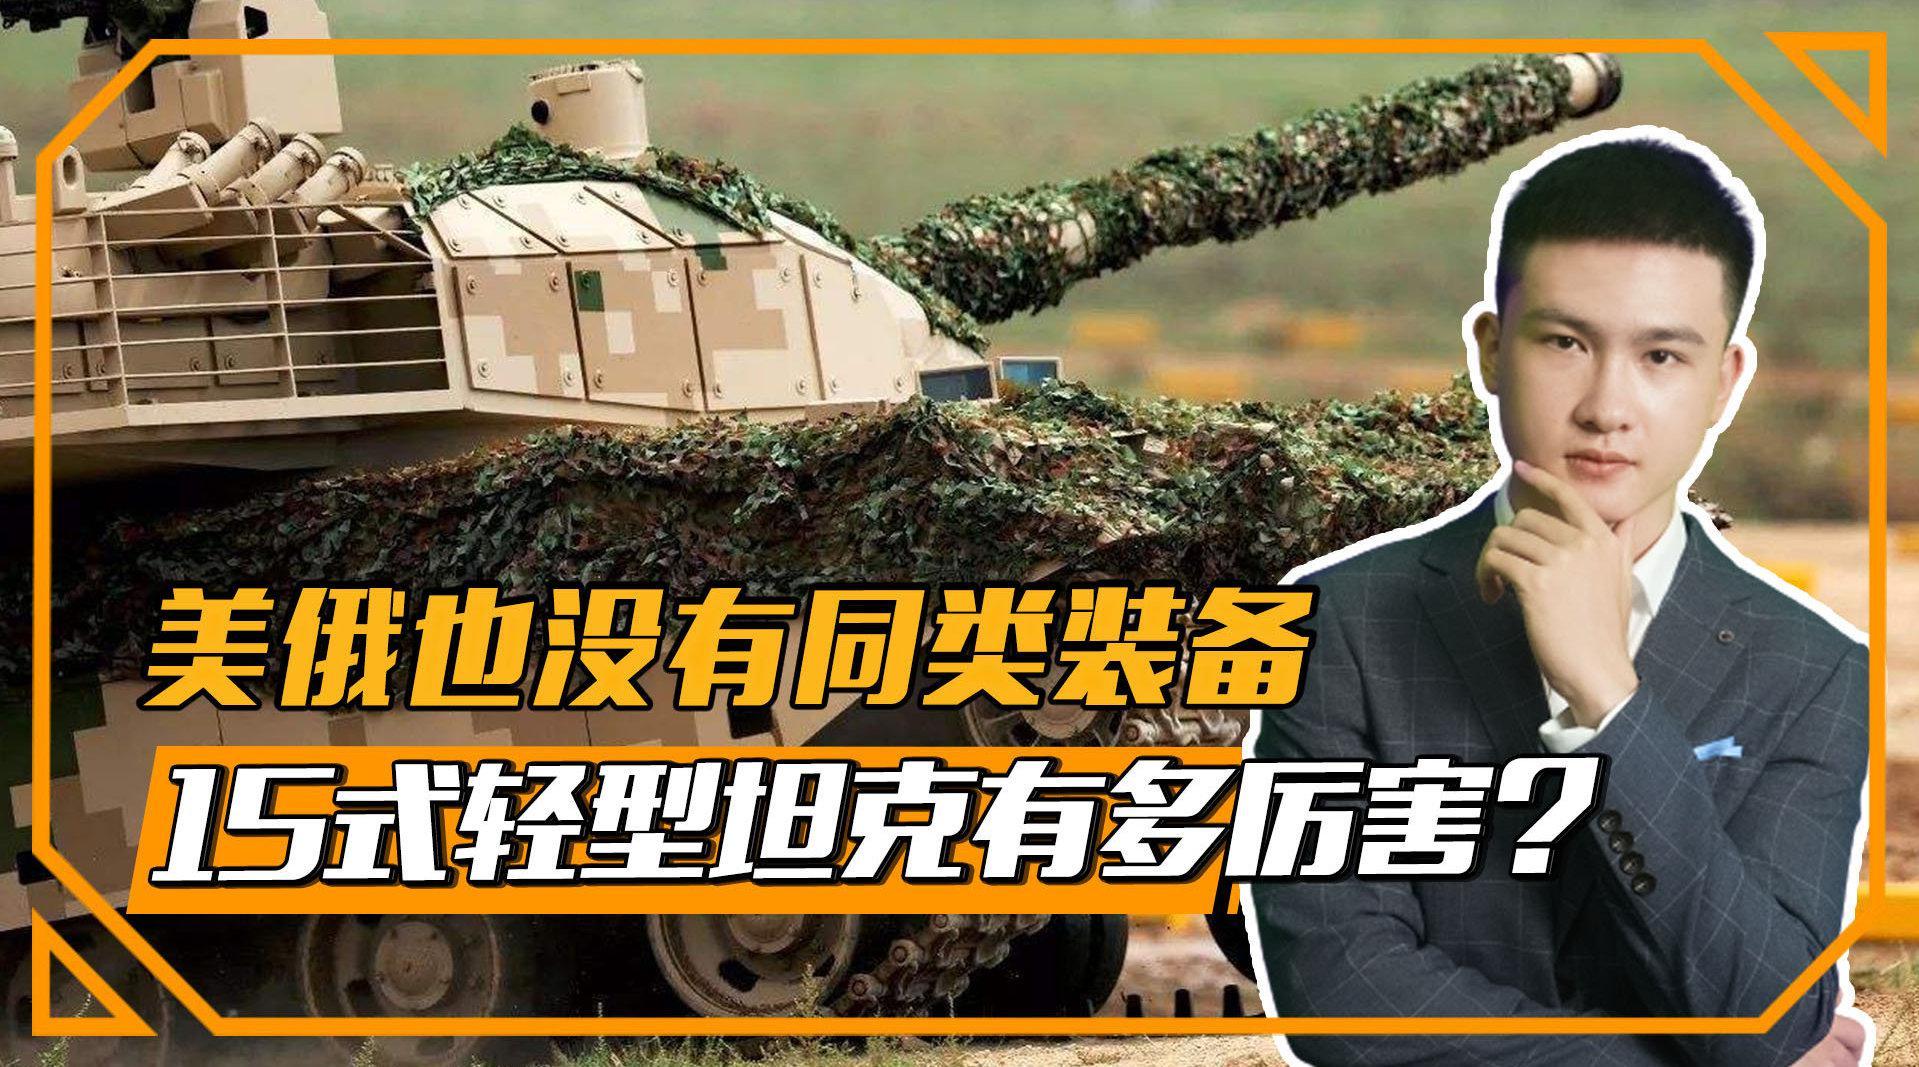 美俄也没有同类装备,15式轻型坦克有多厉害?